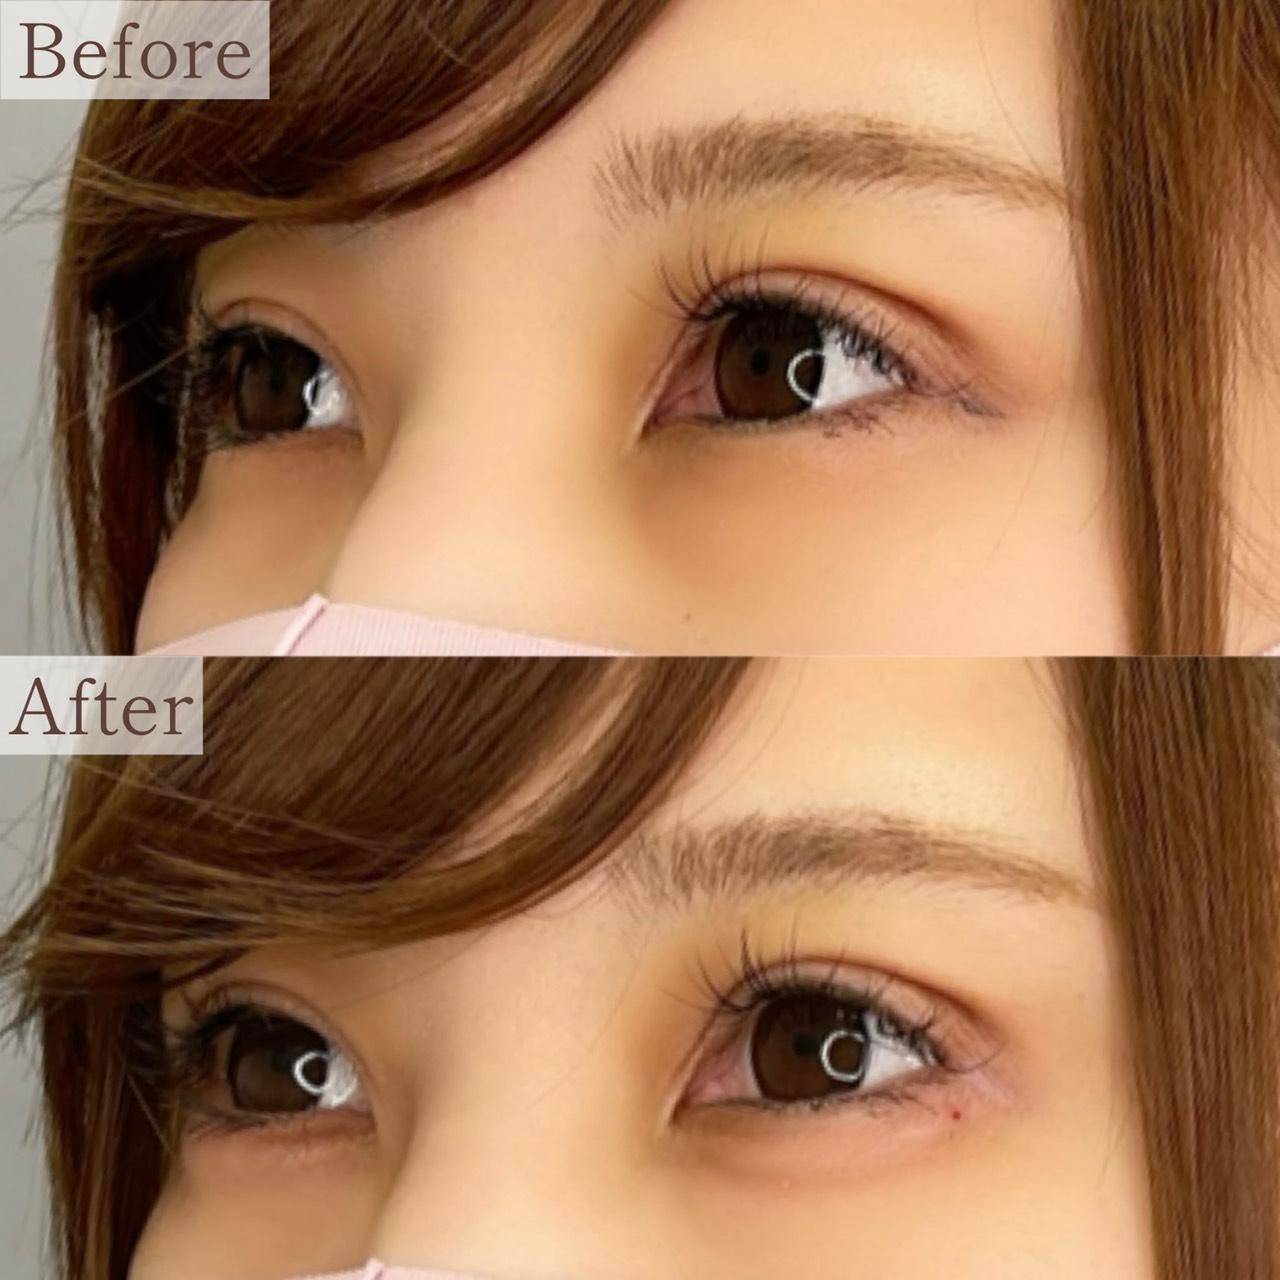 涙袋ヒアルロン酸注入の画像